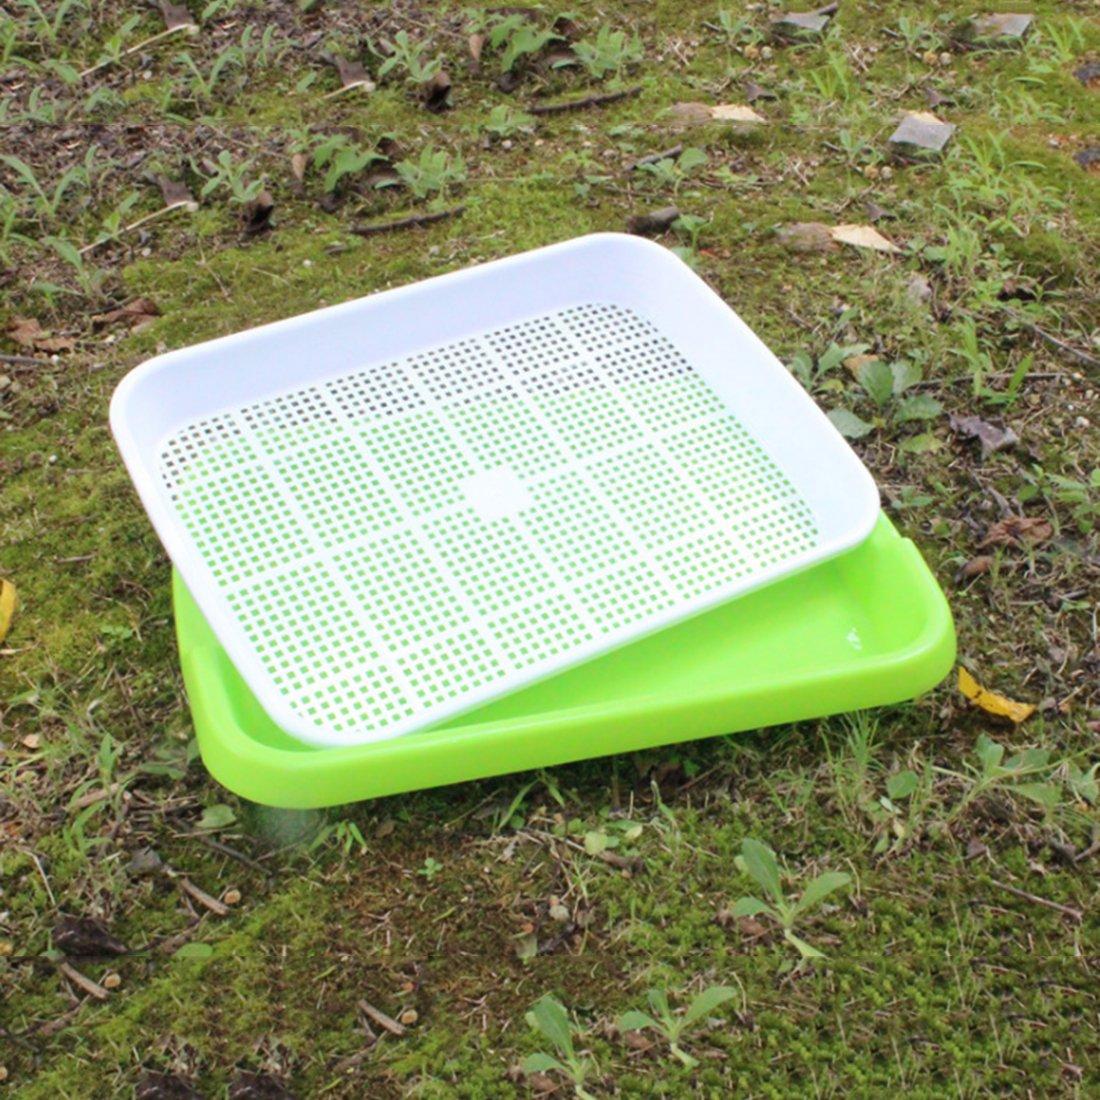 Papel para Semillas Bandeja para semillas bandeja de agua 34 * 24.5 * 6cm mecotech 2pcs double-couche bandeja Godet de germinaci/ón de pl/ástico bandeja de cultivo 13,4/* 9.6/* 2.4/pulgadas pl/ástico verde